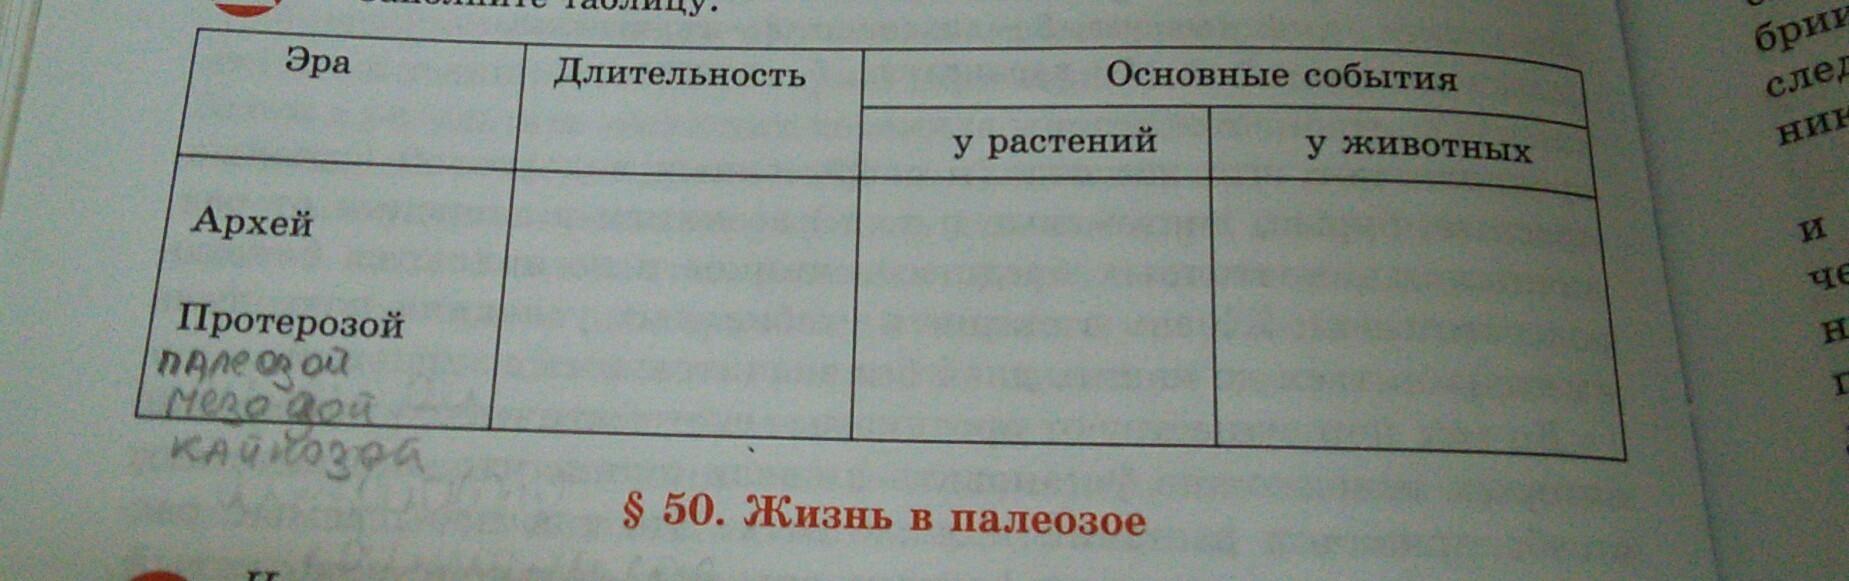 Пожалуйста если не трудно )))?